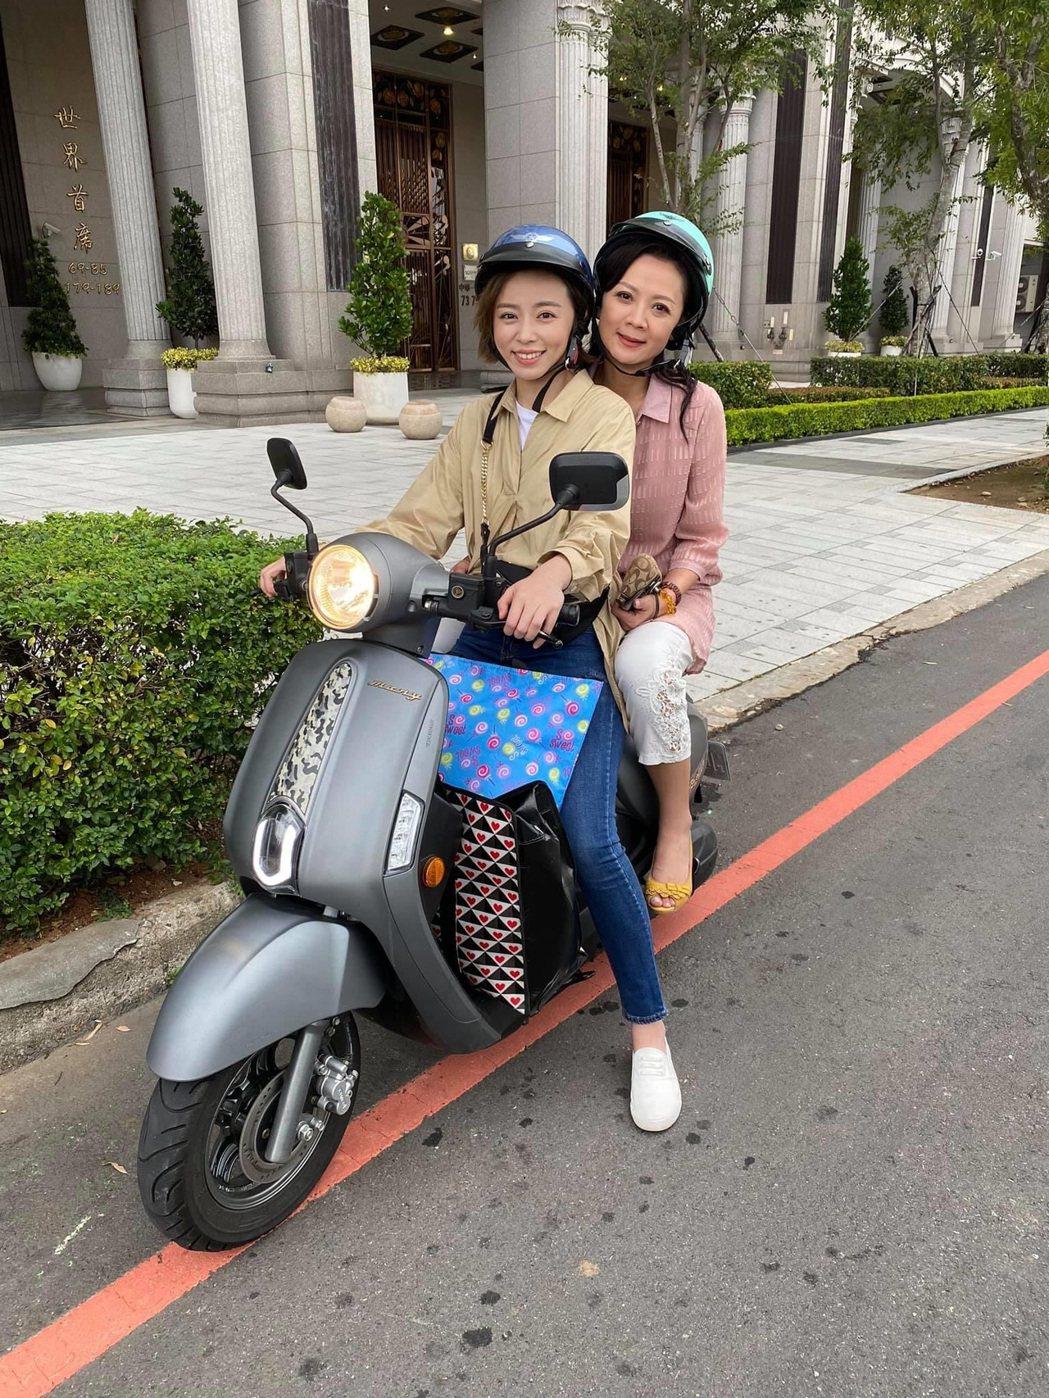 高欣欣、王瞳在「多情城市」飾演母女檔。圖/民視提供